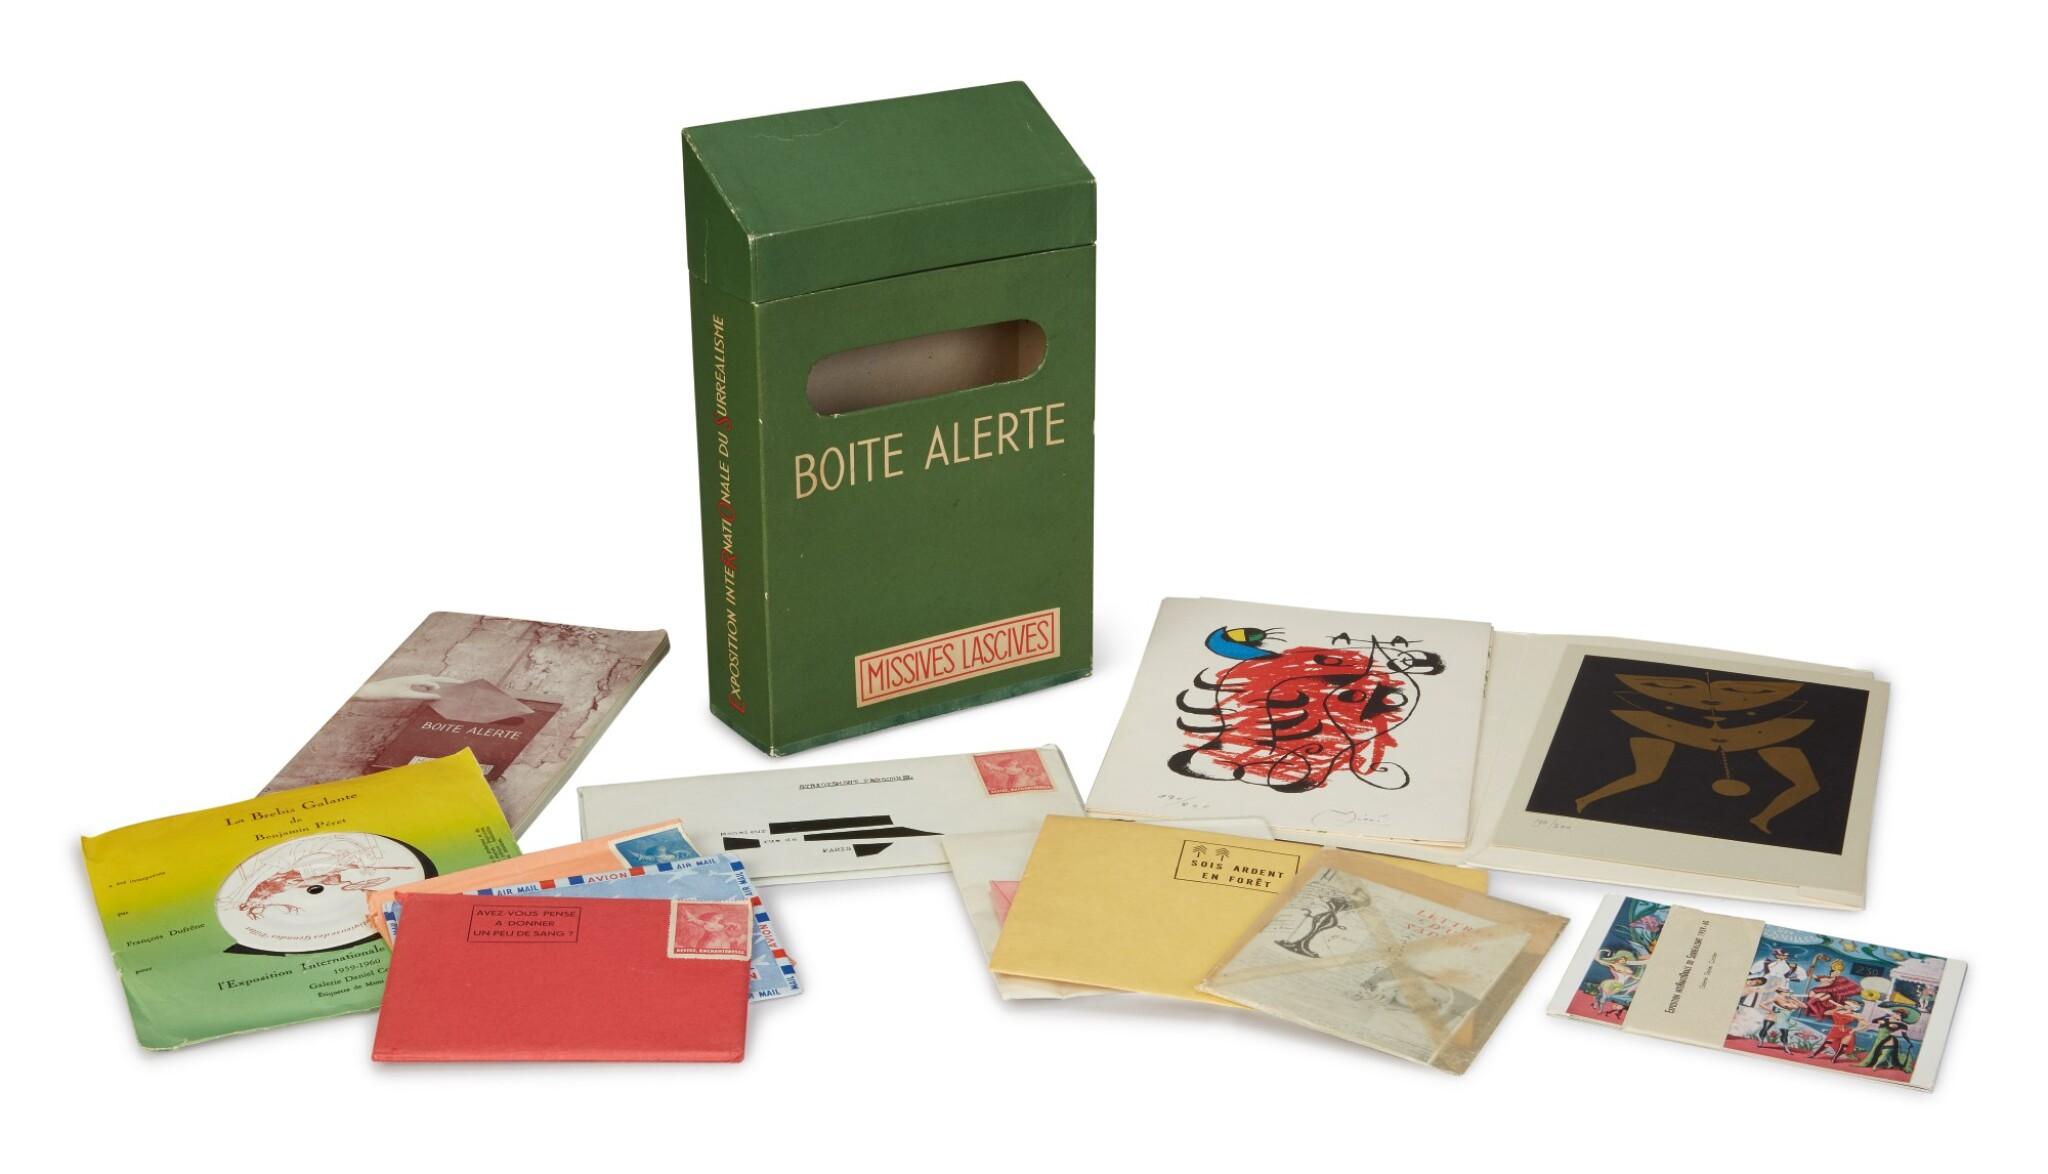 View full screen - View 1 of Lot 16. BOÎTE ALERTE. MISSIVES LACIVES. EXPOSITION INTERNATIONALE DU SURREALISM (EROS). PARIS: GALERIE DANIEL CORDIER, 1959.